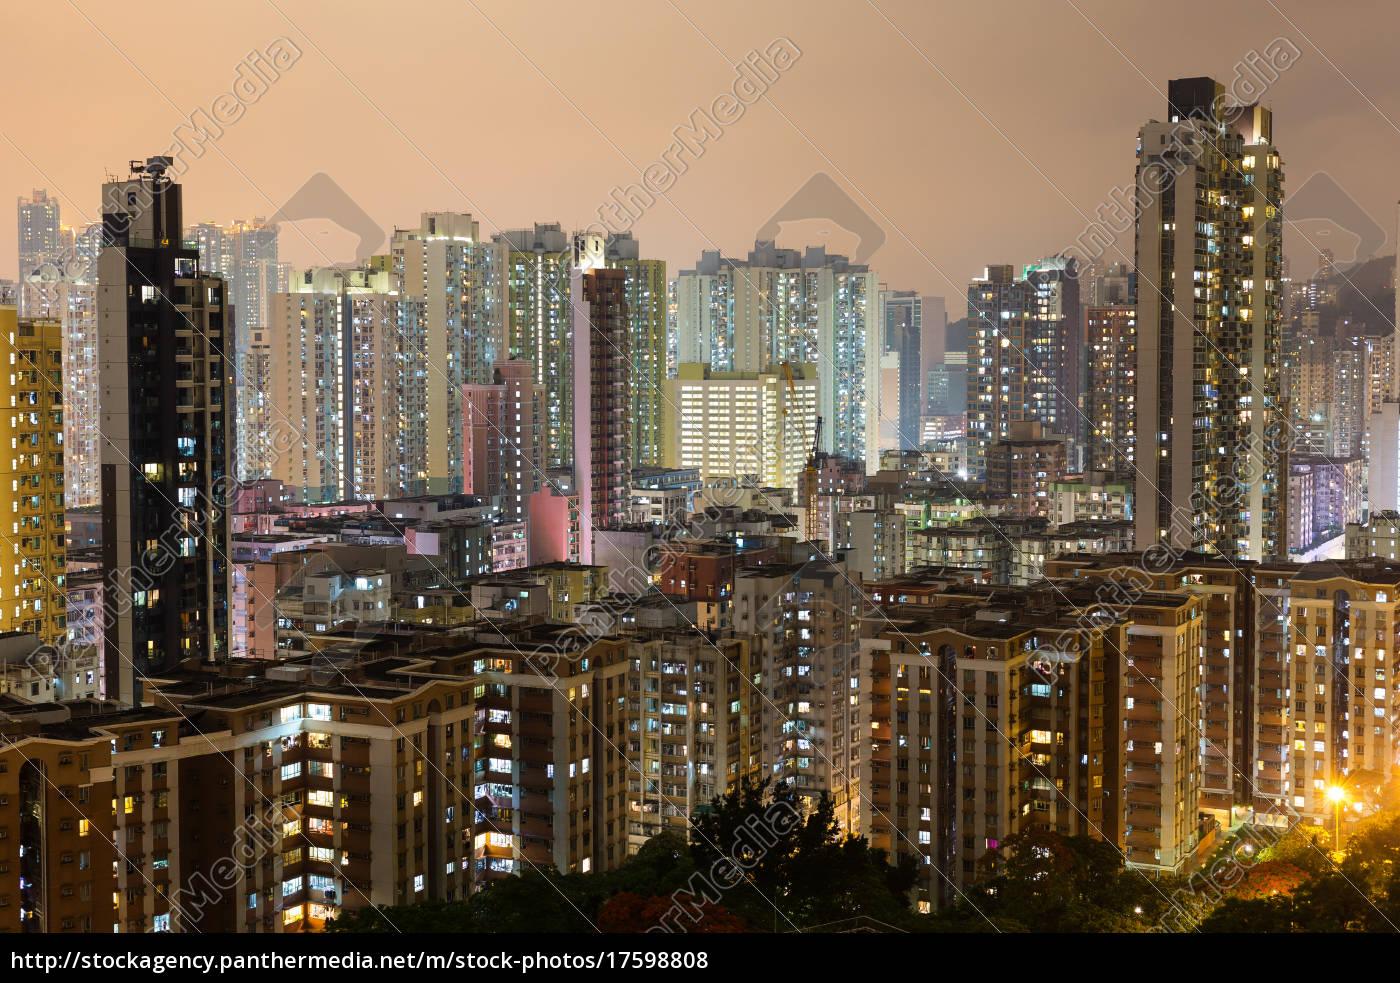 hong, kong, city, at, night - 17598808